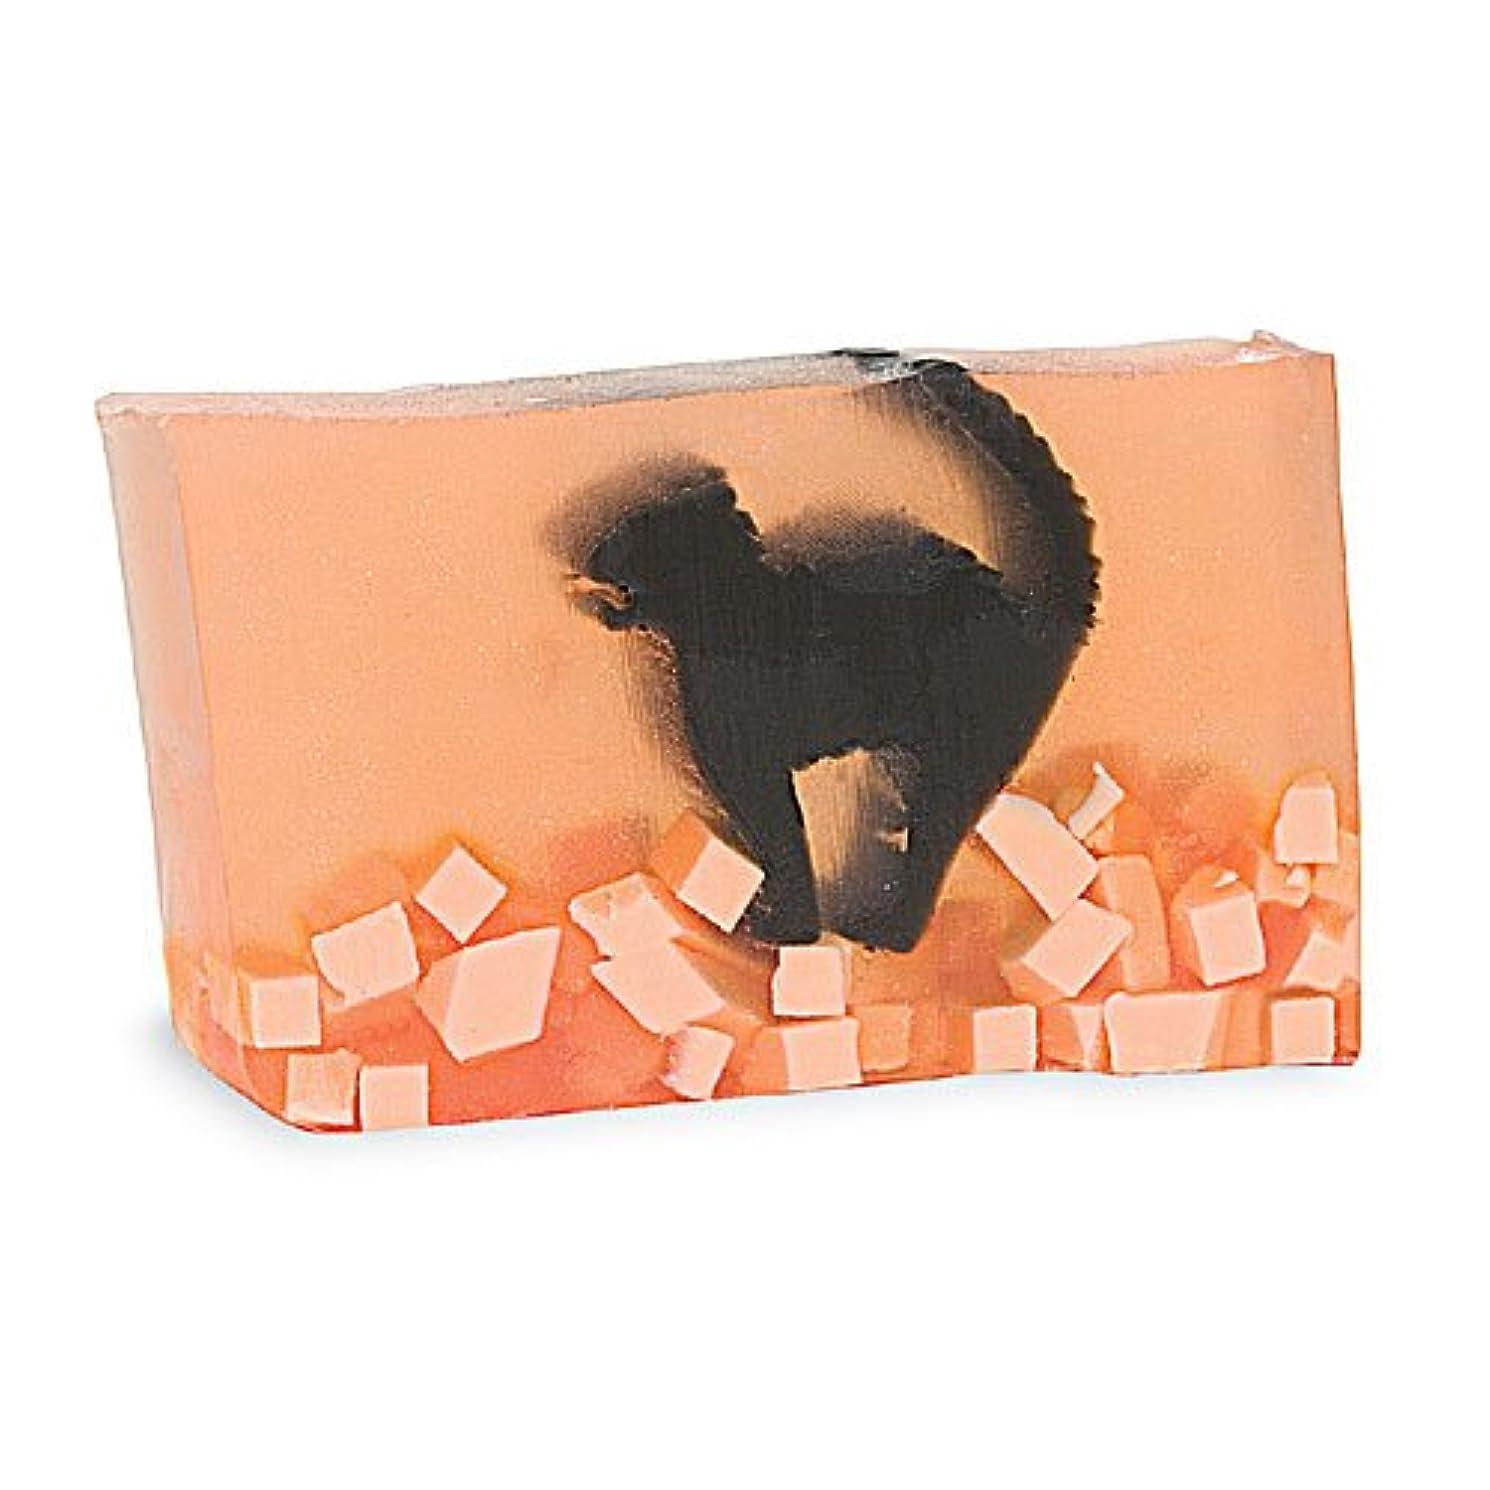 ウォルターカニンガム一般まろやかなプライモールエレメンツ アロマティック ソープ スケアディキャット 180g ハロウィンにおすすめ植物性のナチュラル石鹸